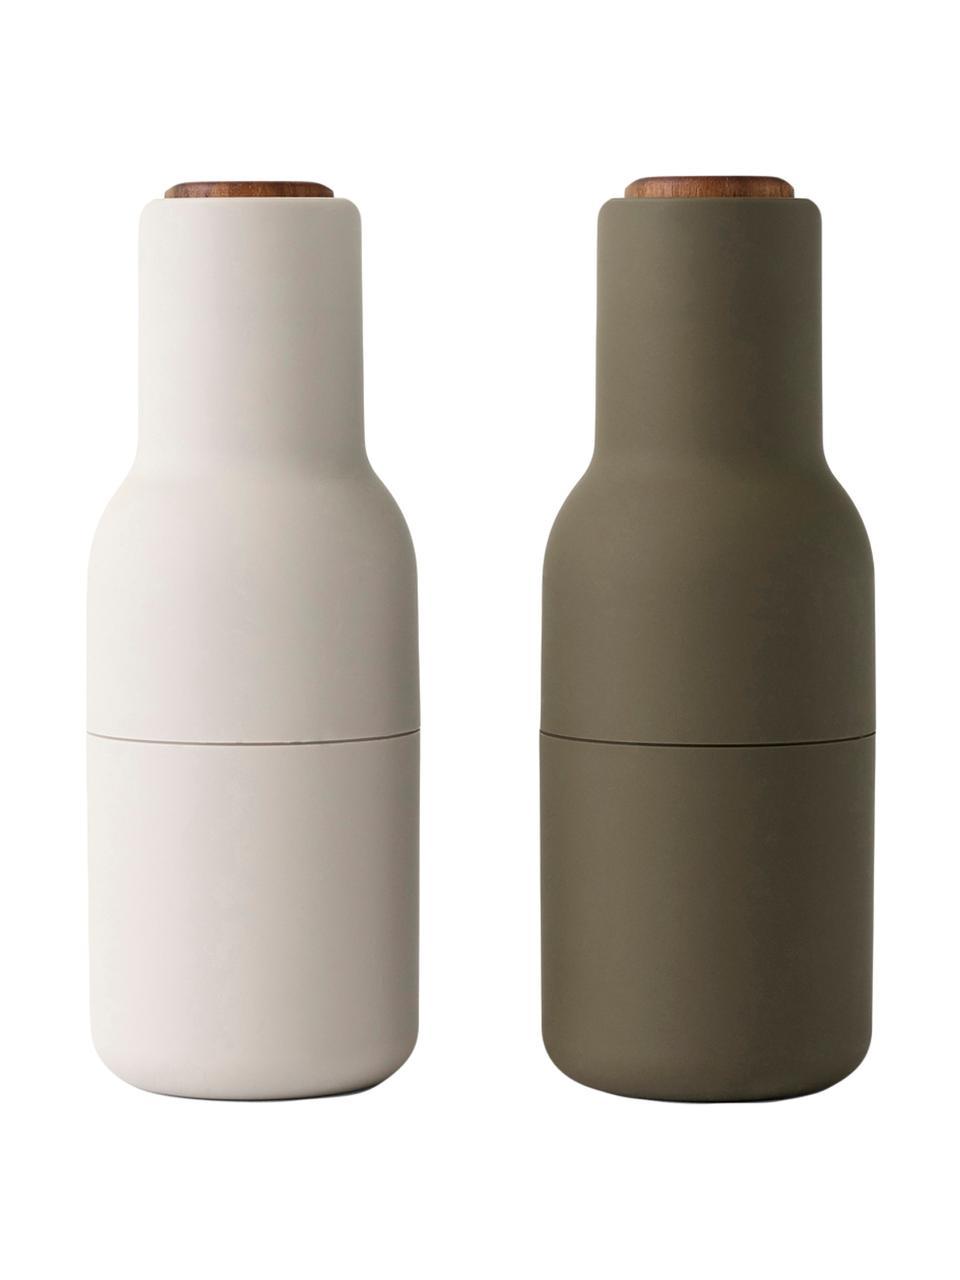 Designer Salz- & Pfeffermühle Bottle Grinder mit Walnussholzdeckel, Korpus: Kunststoff, Mahlwerk: Keramik, Deckel: Walnussholz, Dunkelgrün, Beige, Ø 8 x H 21 cm